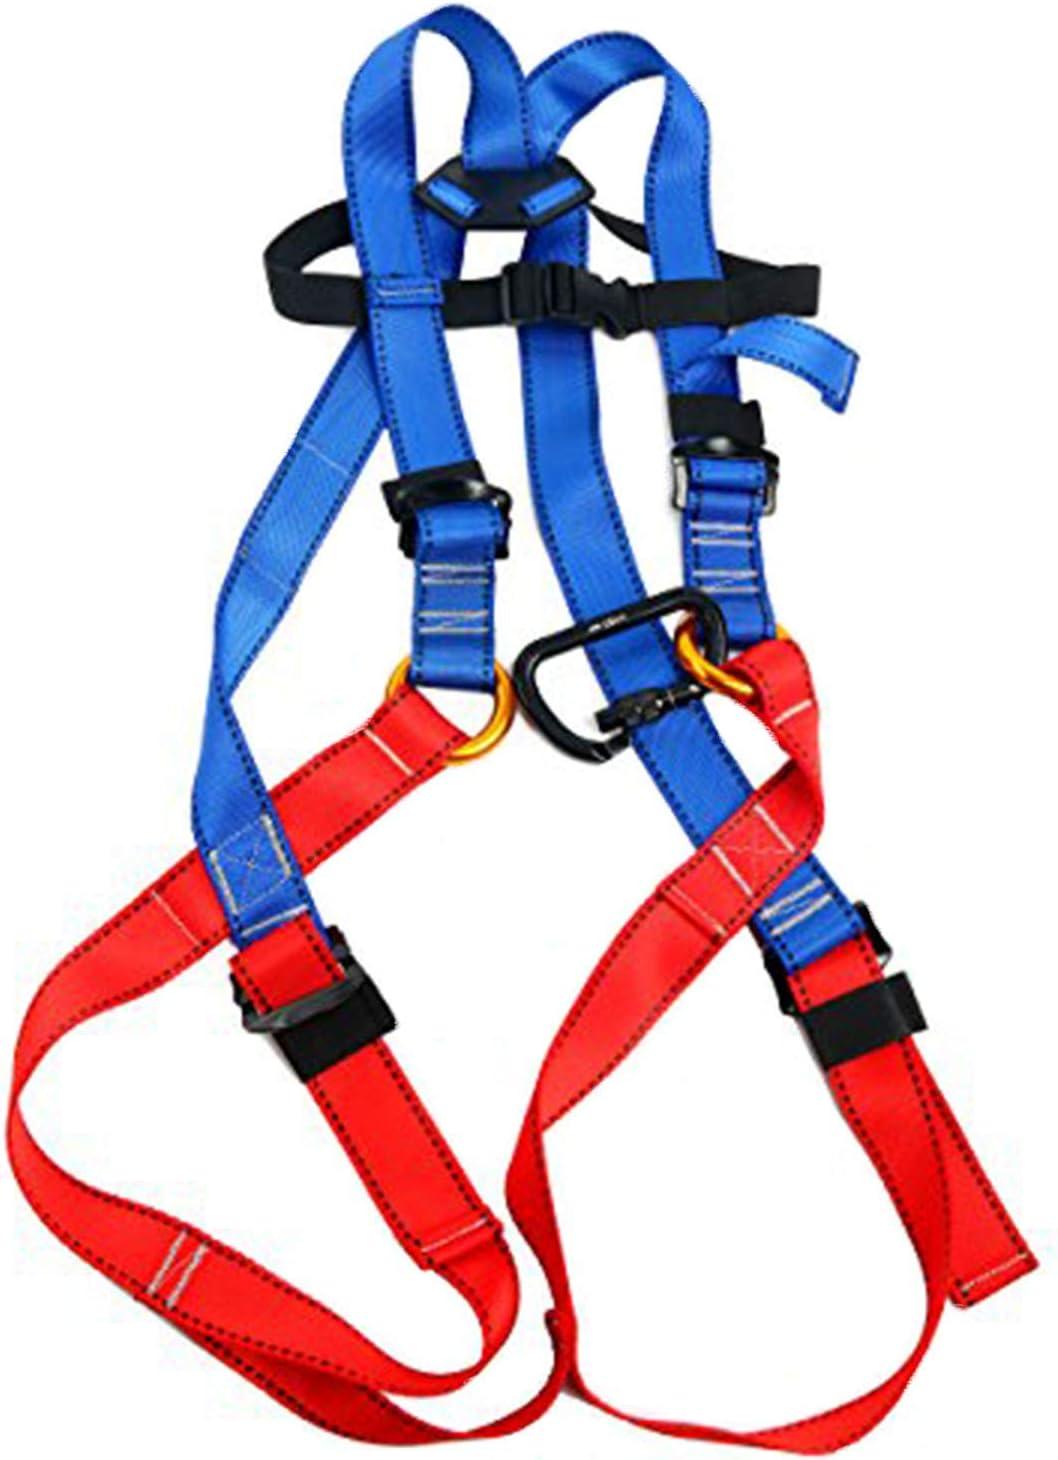 YaeTact Arnés de escalada para niños, arnés de cuerpo completo, cinturón de seguridad Oumers, arnés de guía para entrenamiento de banda al aire libre, ...